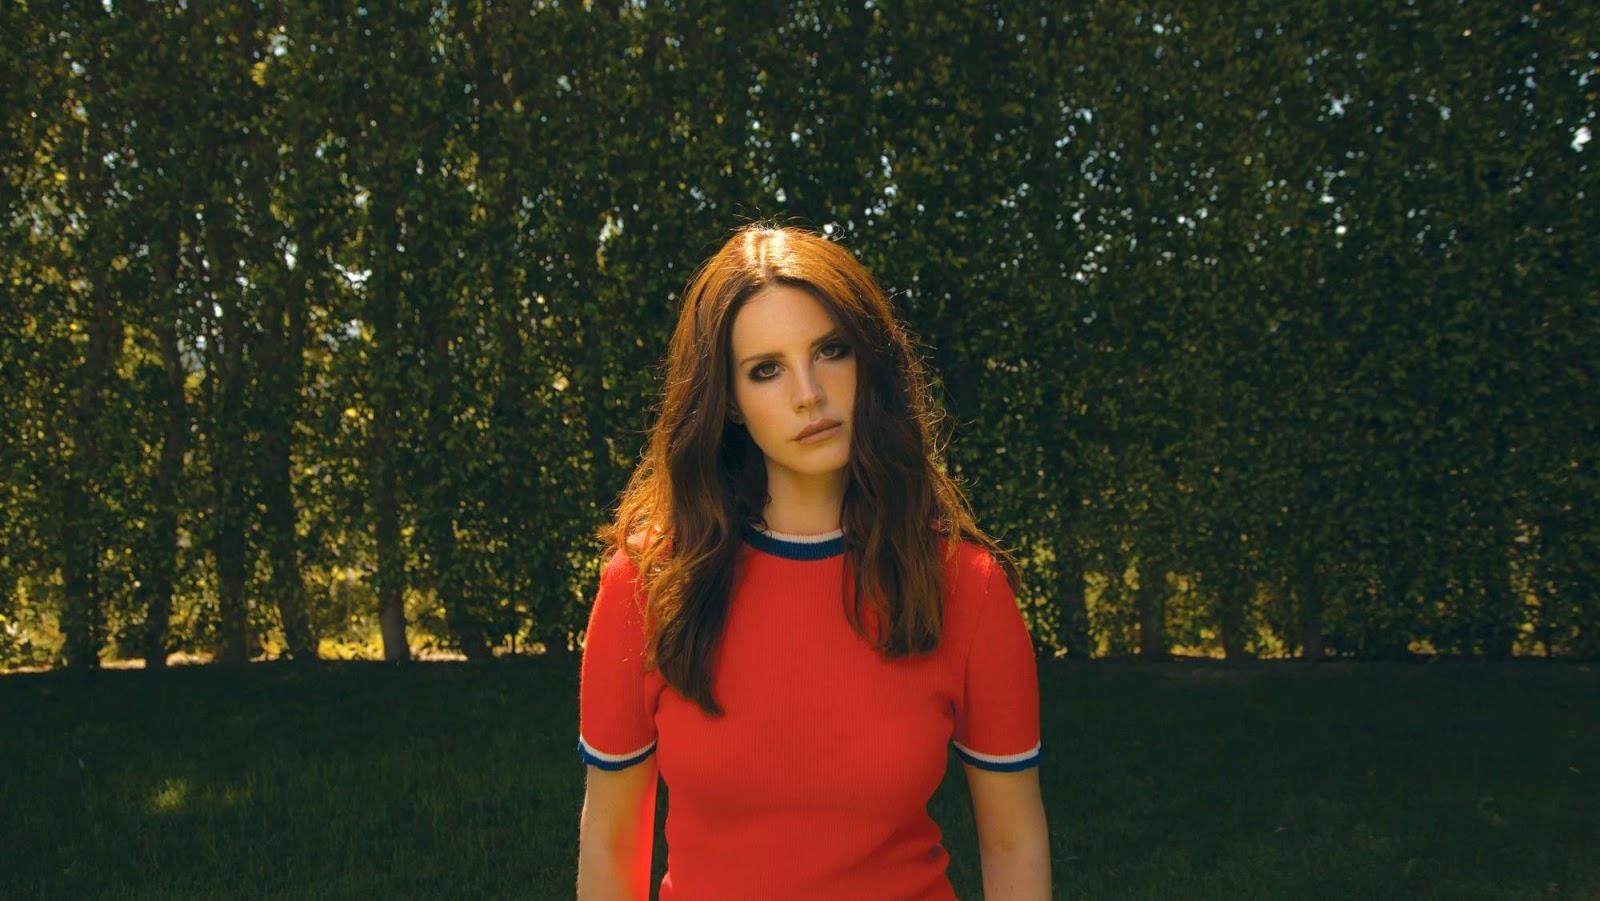 Lana Del Rey podría lanzar un nuevo álbum el mes que viene